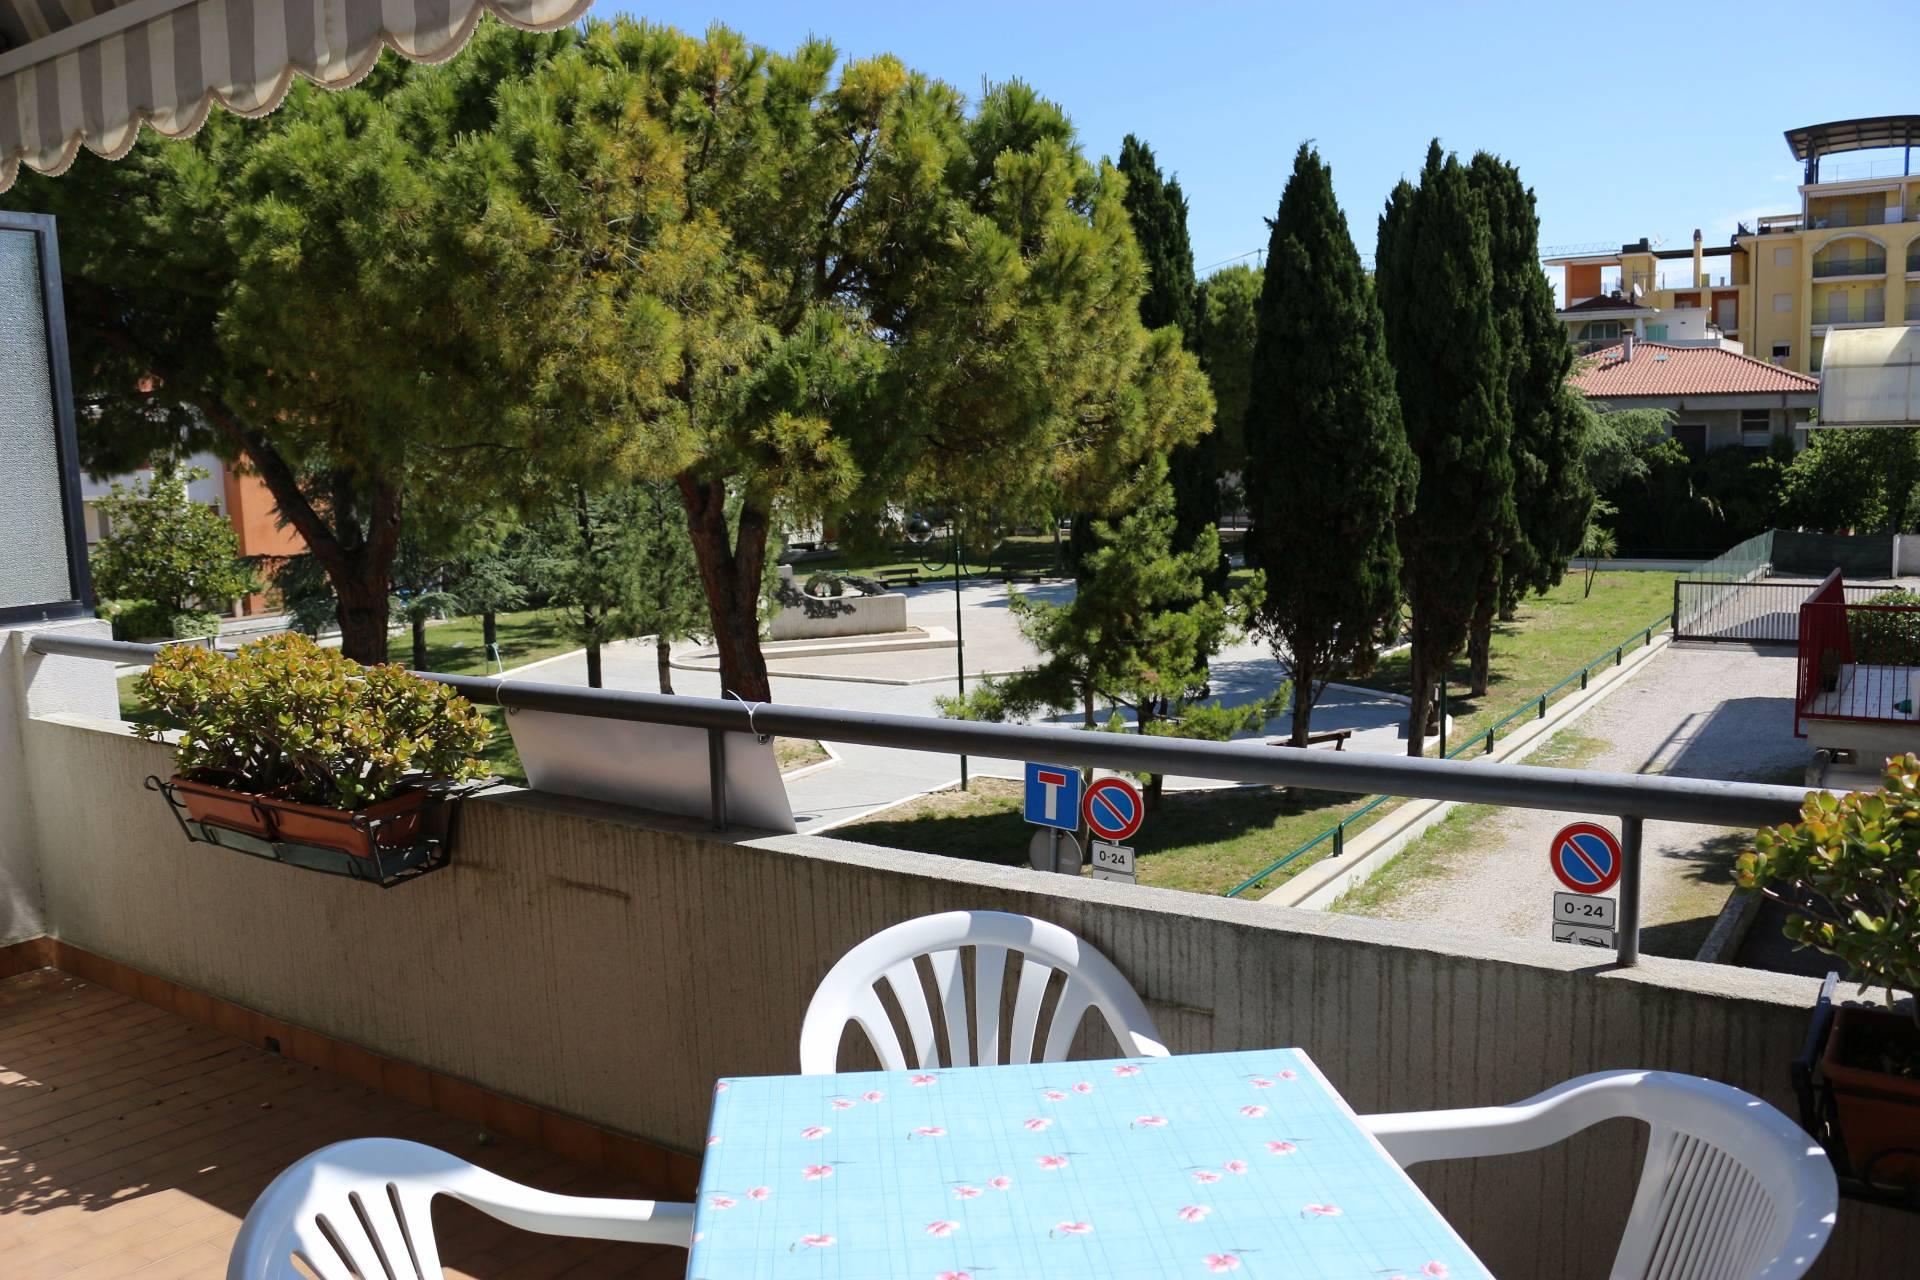 Appartamento in vendita a Tortoreto, 3 locali, zona Località: TortoretoLido, prezzo € 88.000 | Cambio Casa.it